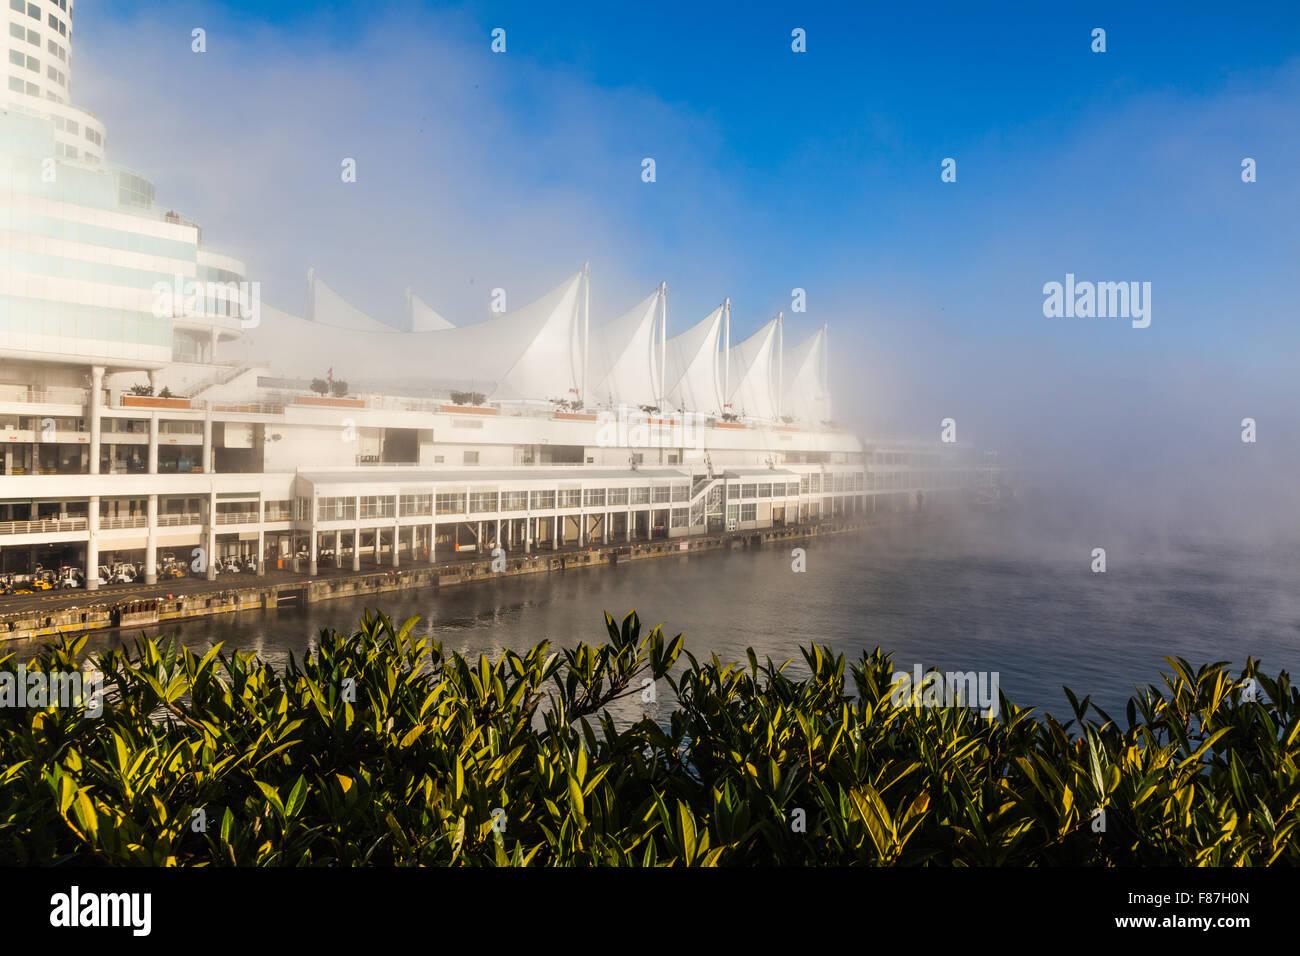 Canada Place Convention Center et station d'accueil des navires de croisière dans le brouillard au petit Photo Stock